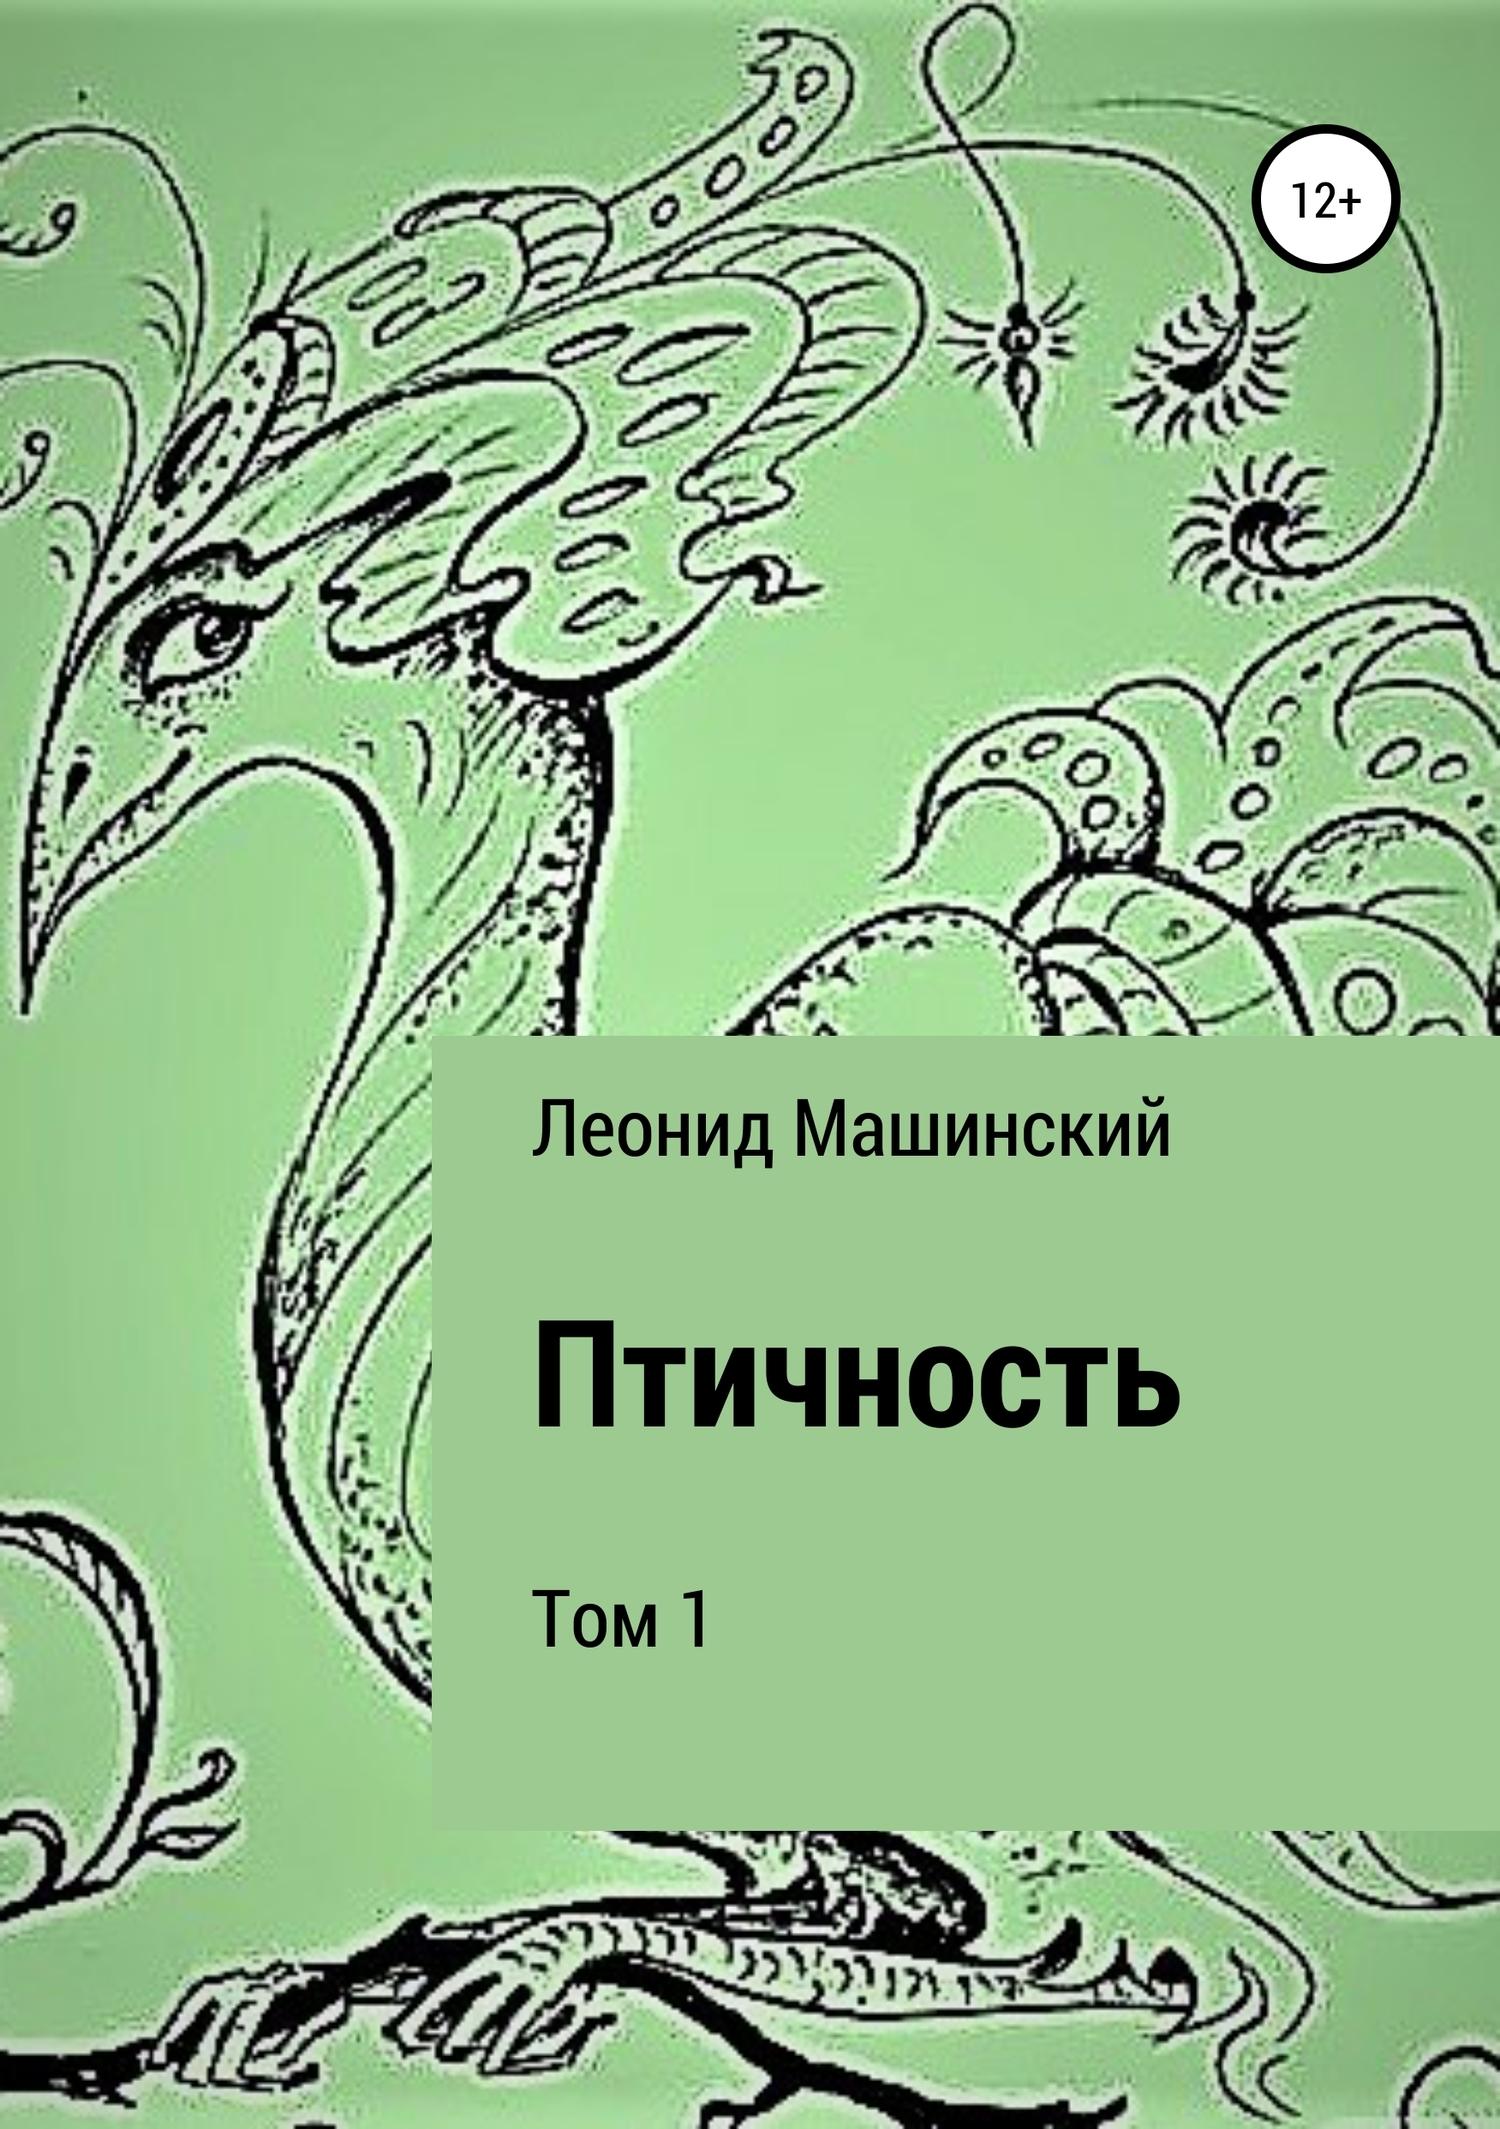 Леонид Машинский - Птичность. Том 1